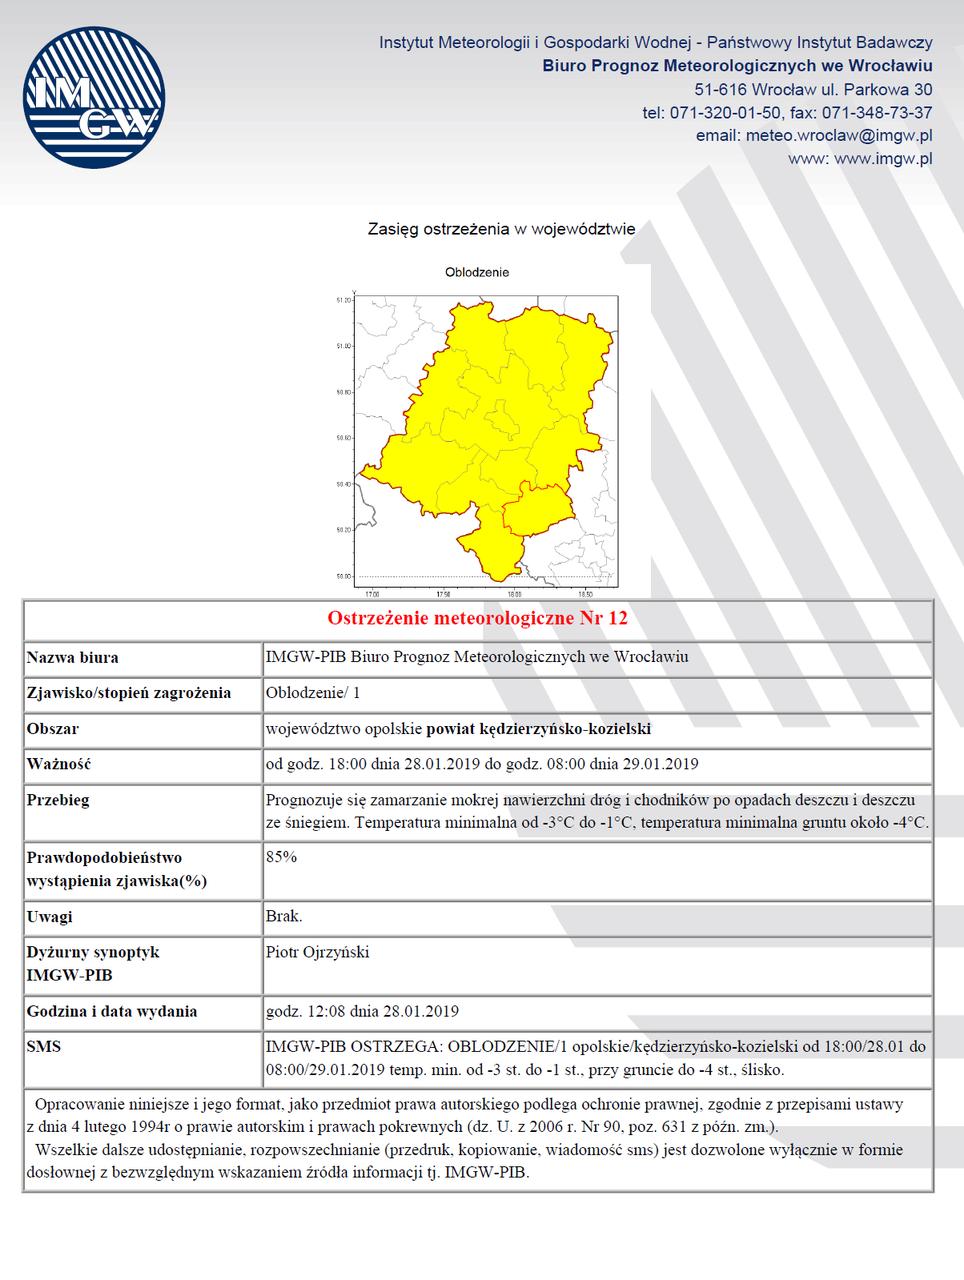 Ostrzeżenie meteorologiczne nr 12 z 28.01.2019.png